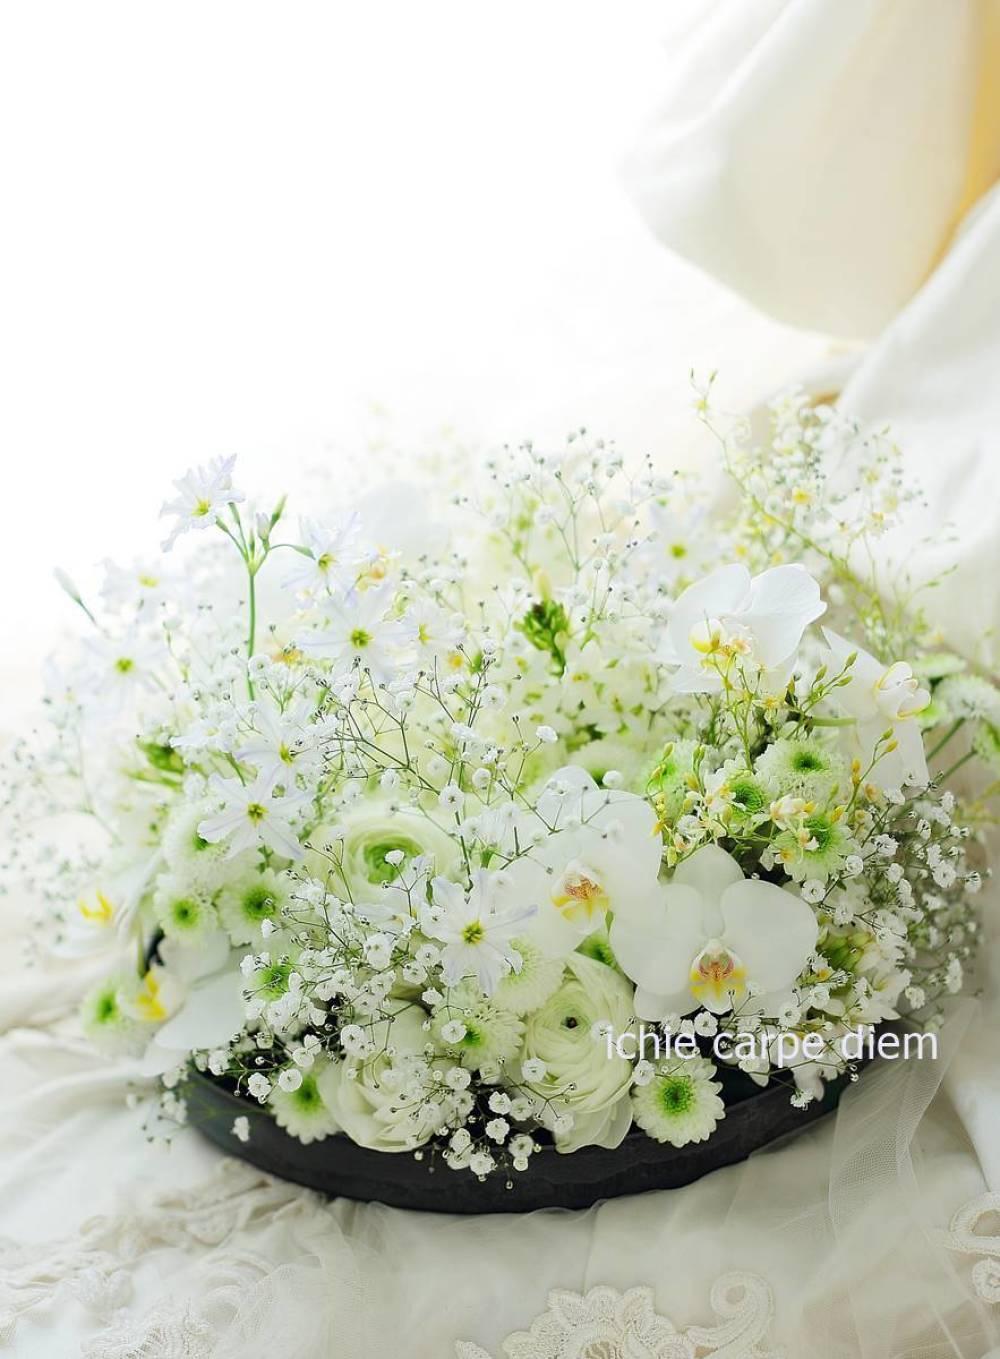 花のギフト お供えのお花として 胡蝶蘭とカスミソウのアレンジ_a0042928_13111719.jpg